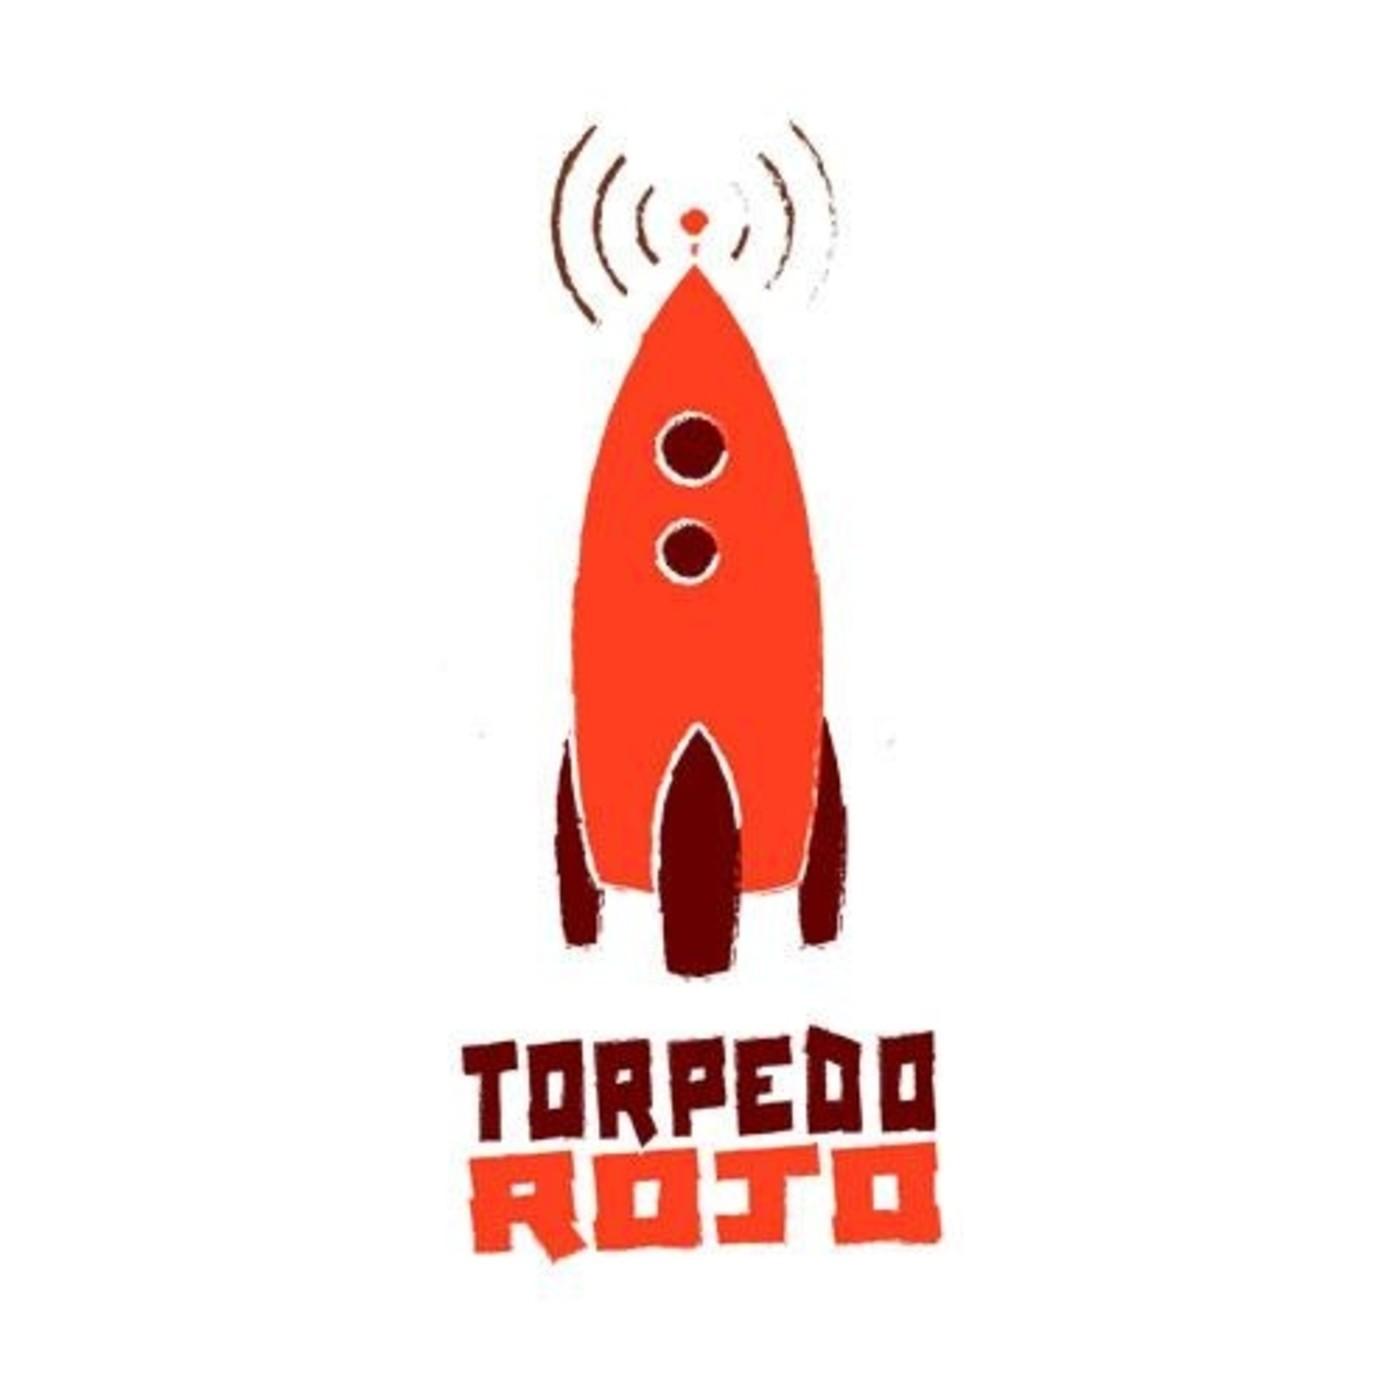 Torpedo Rojo - 6x08 - Desmontando a Louis Prima - Con Señor Ros.